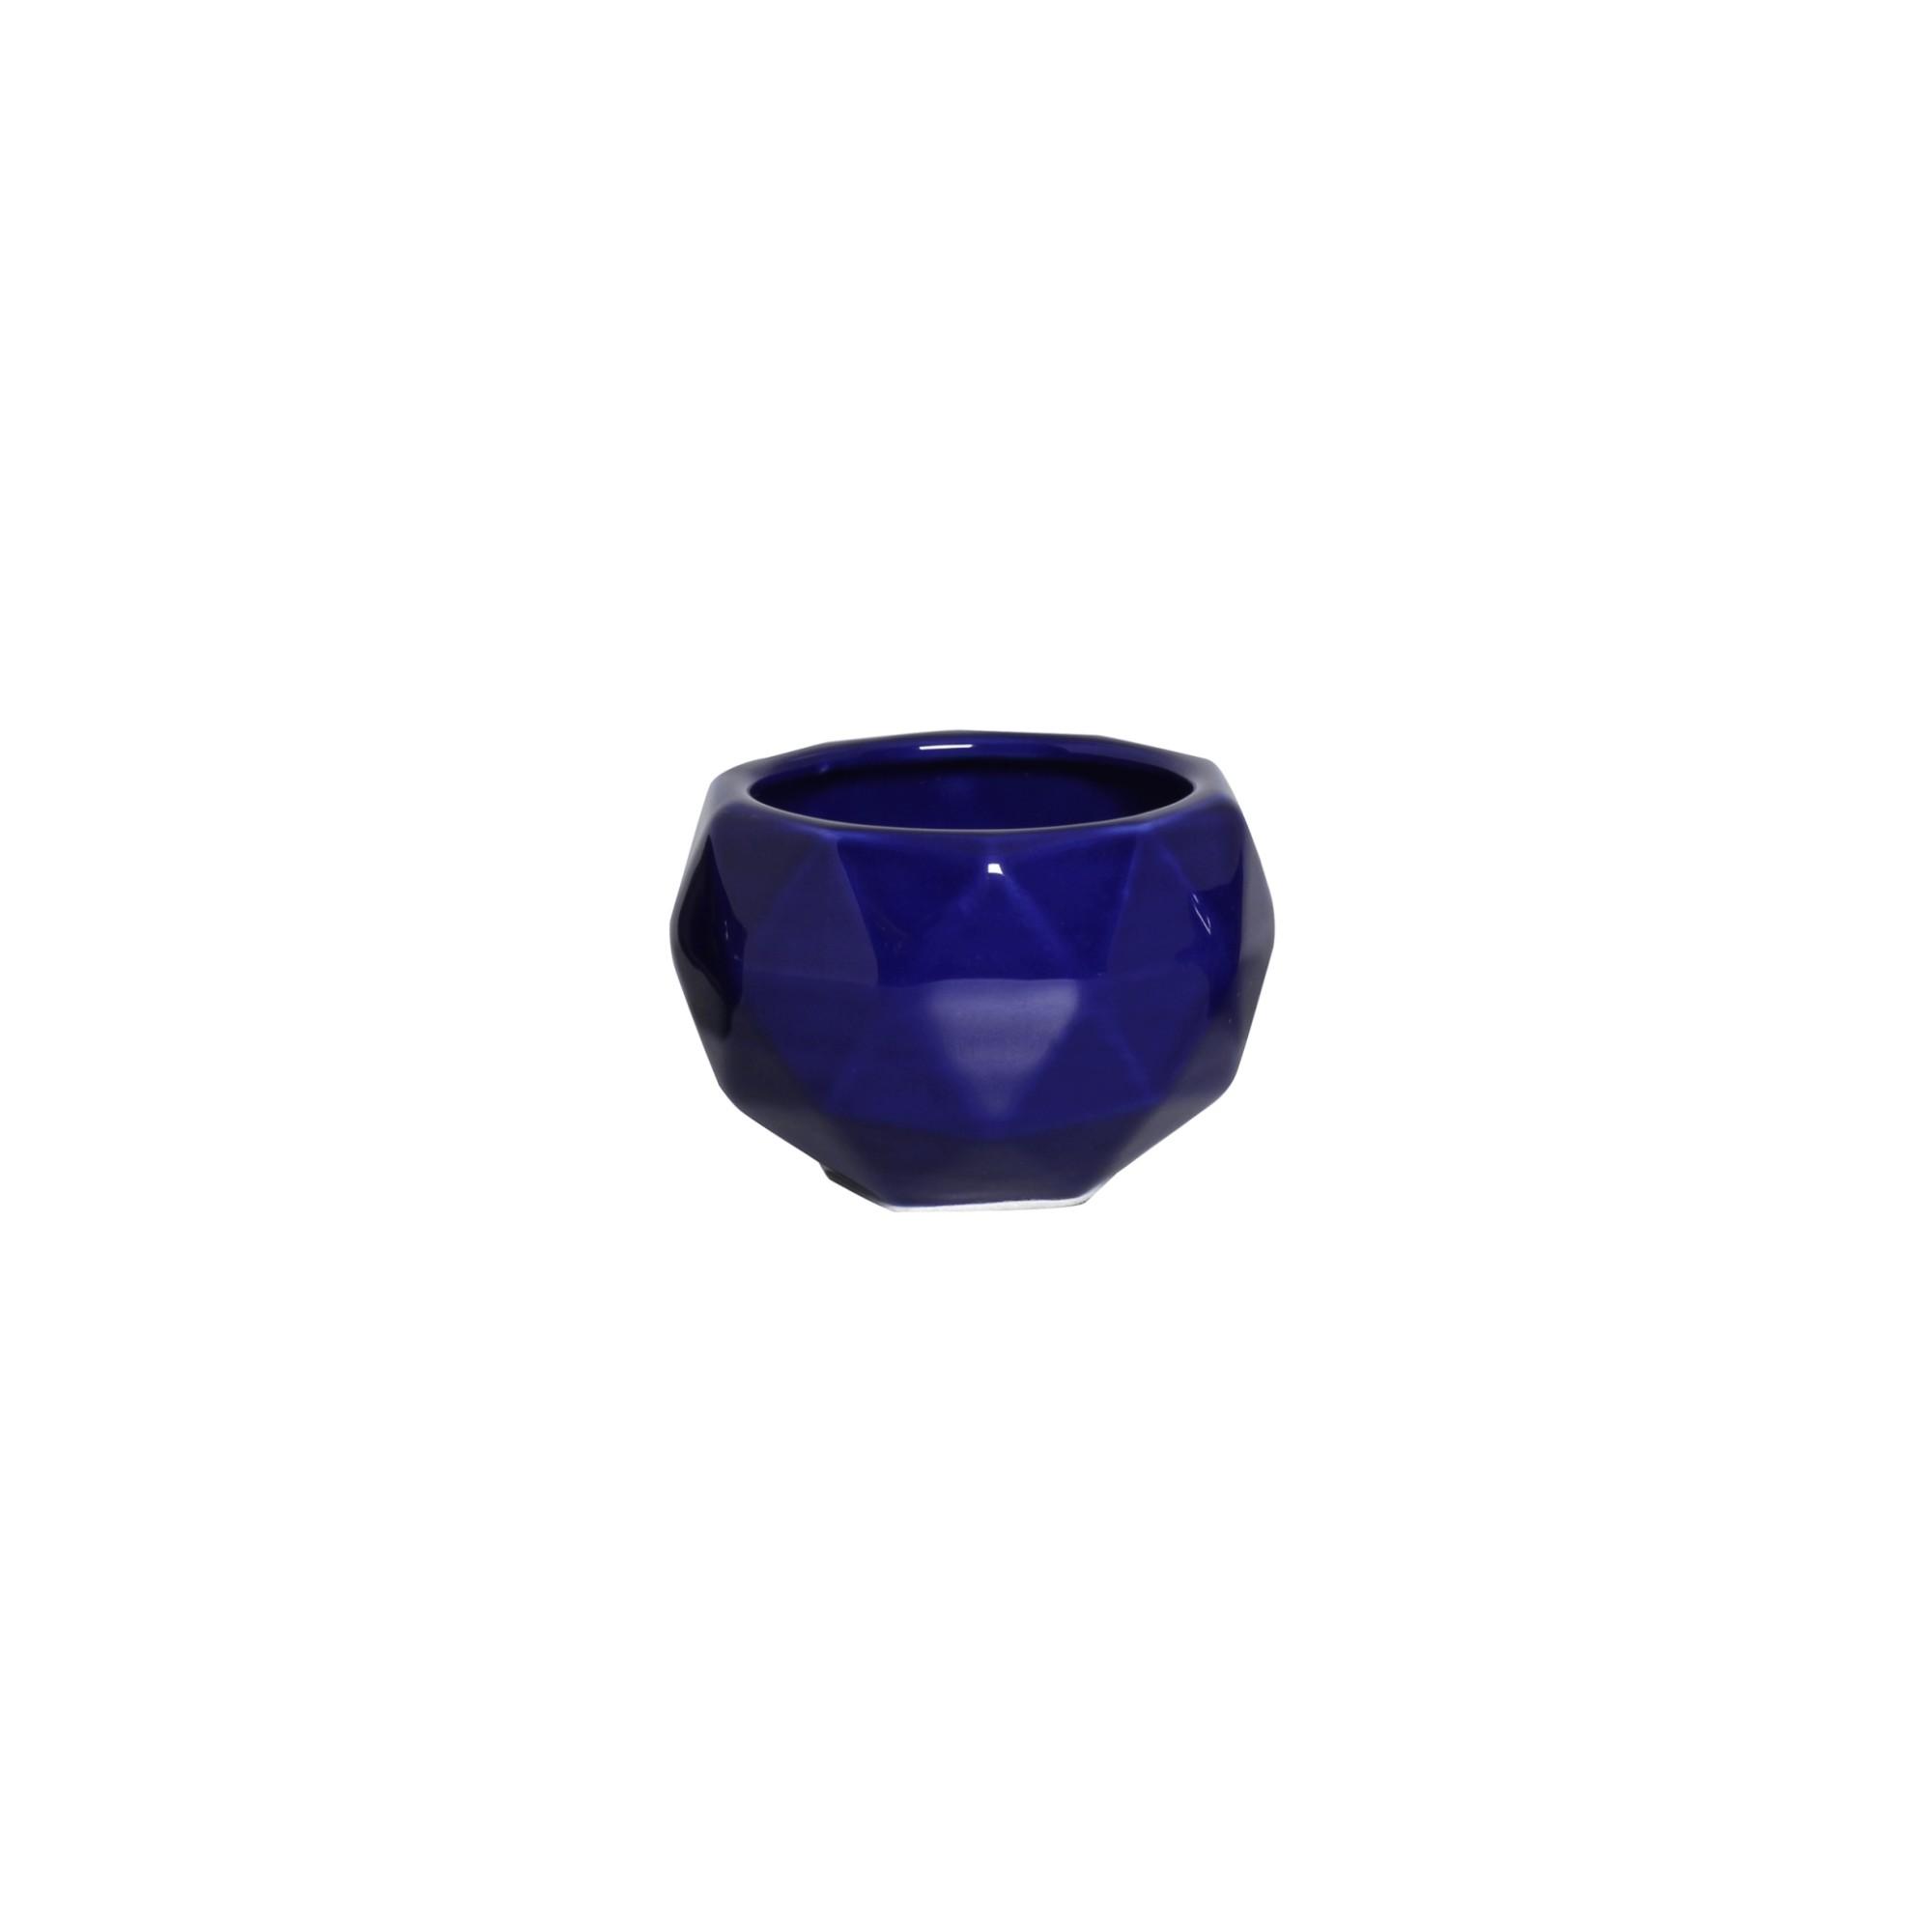 Cachepot Ceramica 75cm Sextavado 6302 - Ana Maria